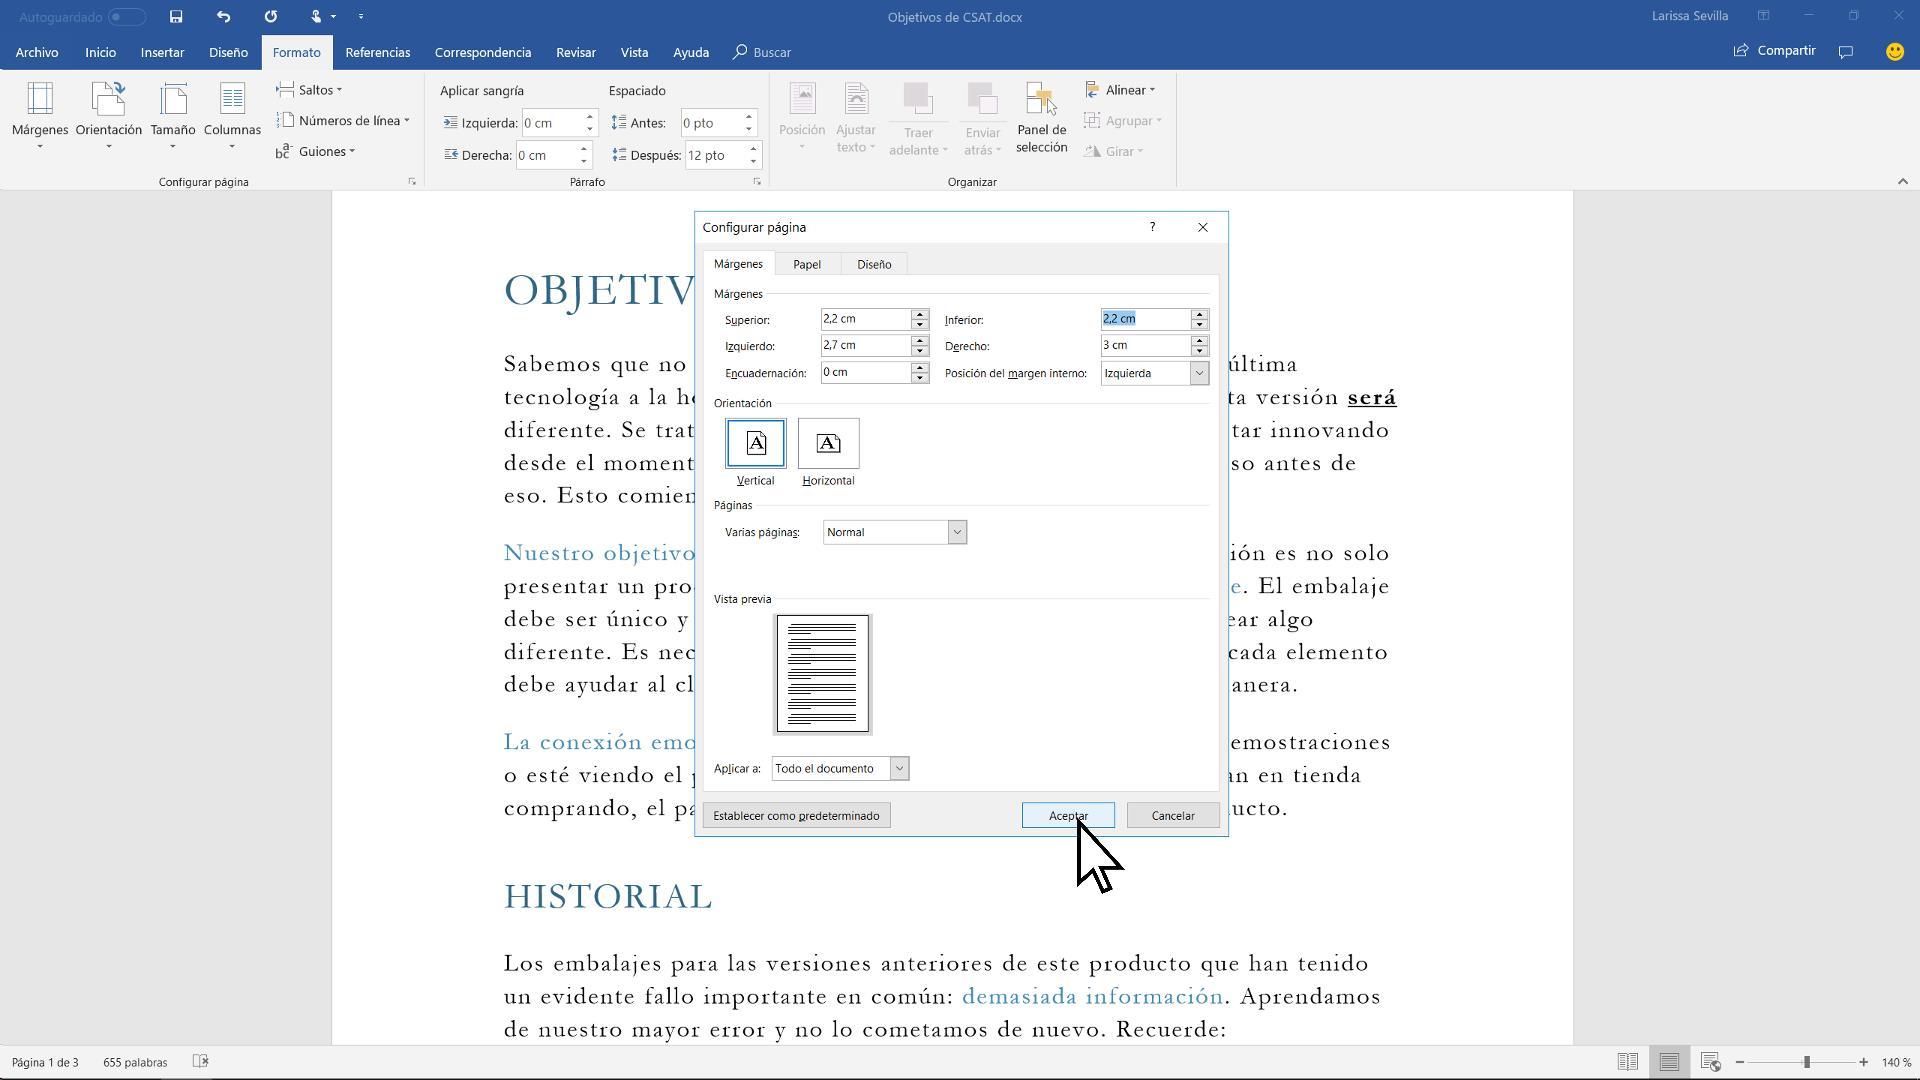 Vídeo: Cambiar los márgenes de un documento - Word